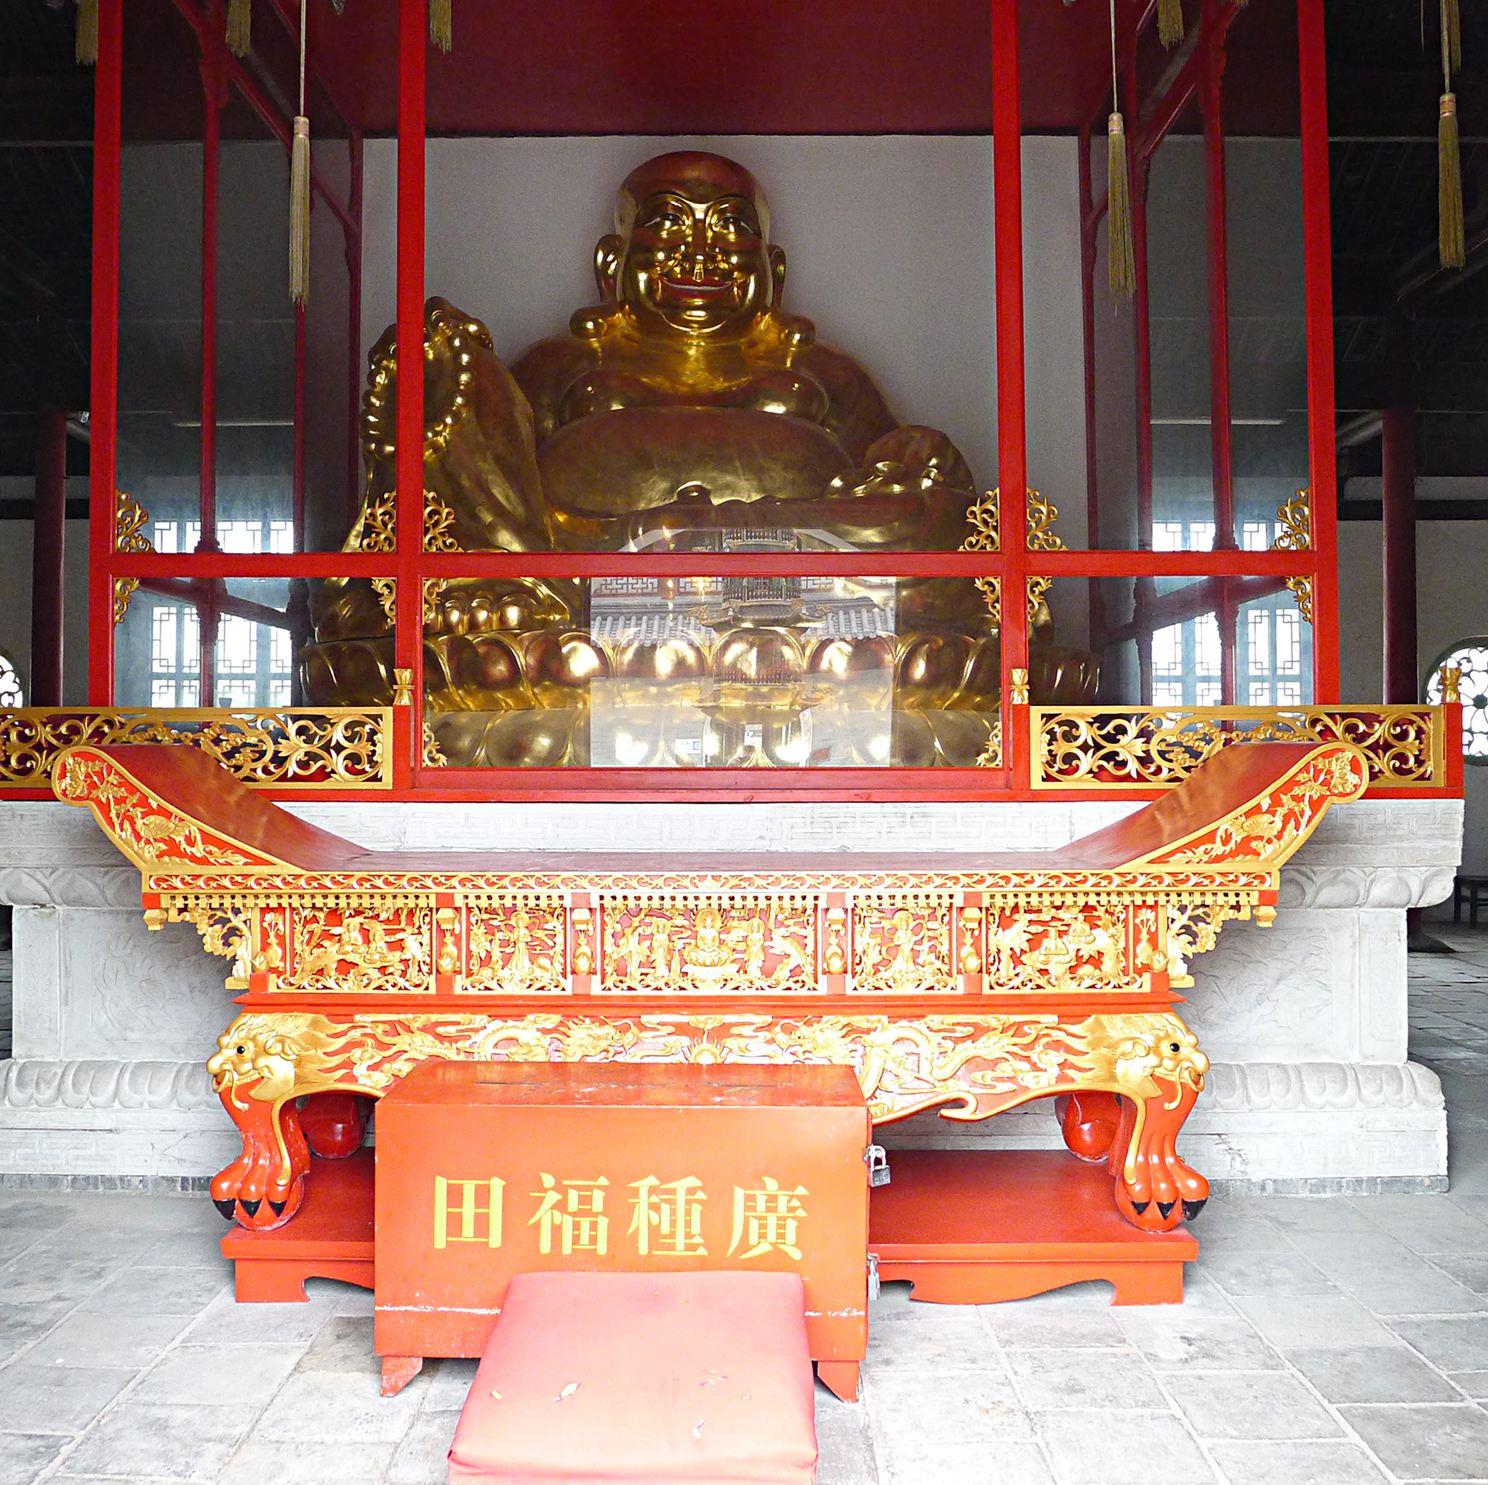 正信的佛教——佛教寺廟布局 - Cheson的博客 | Cheson Blog